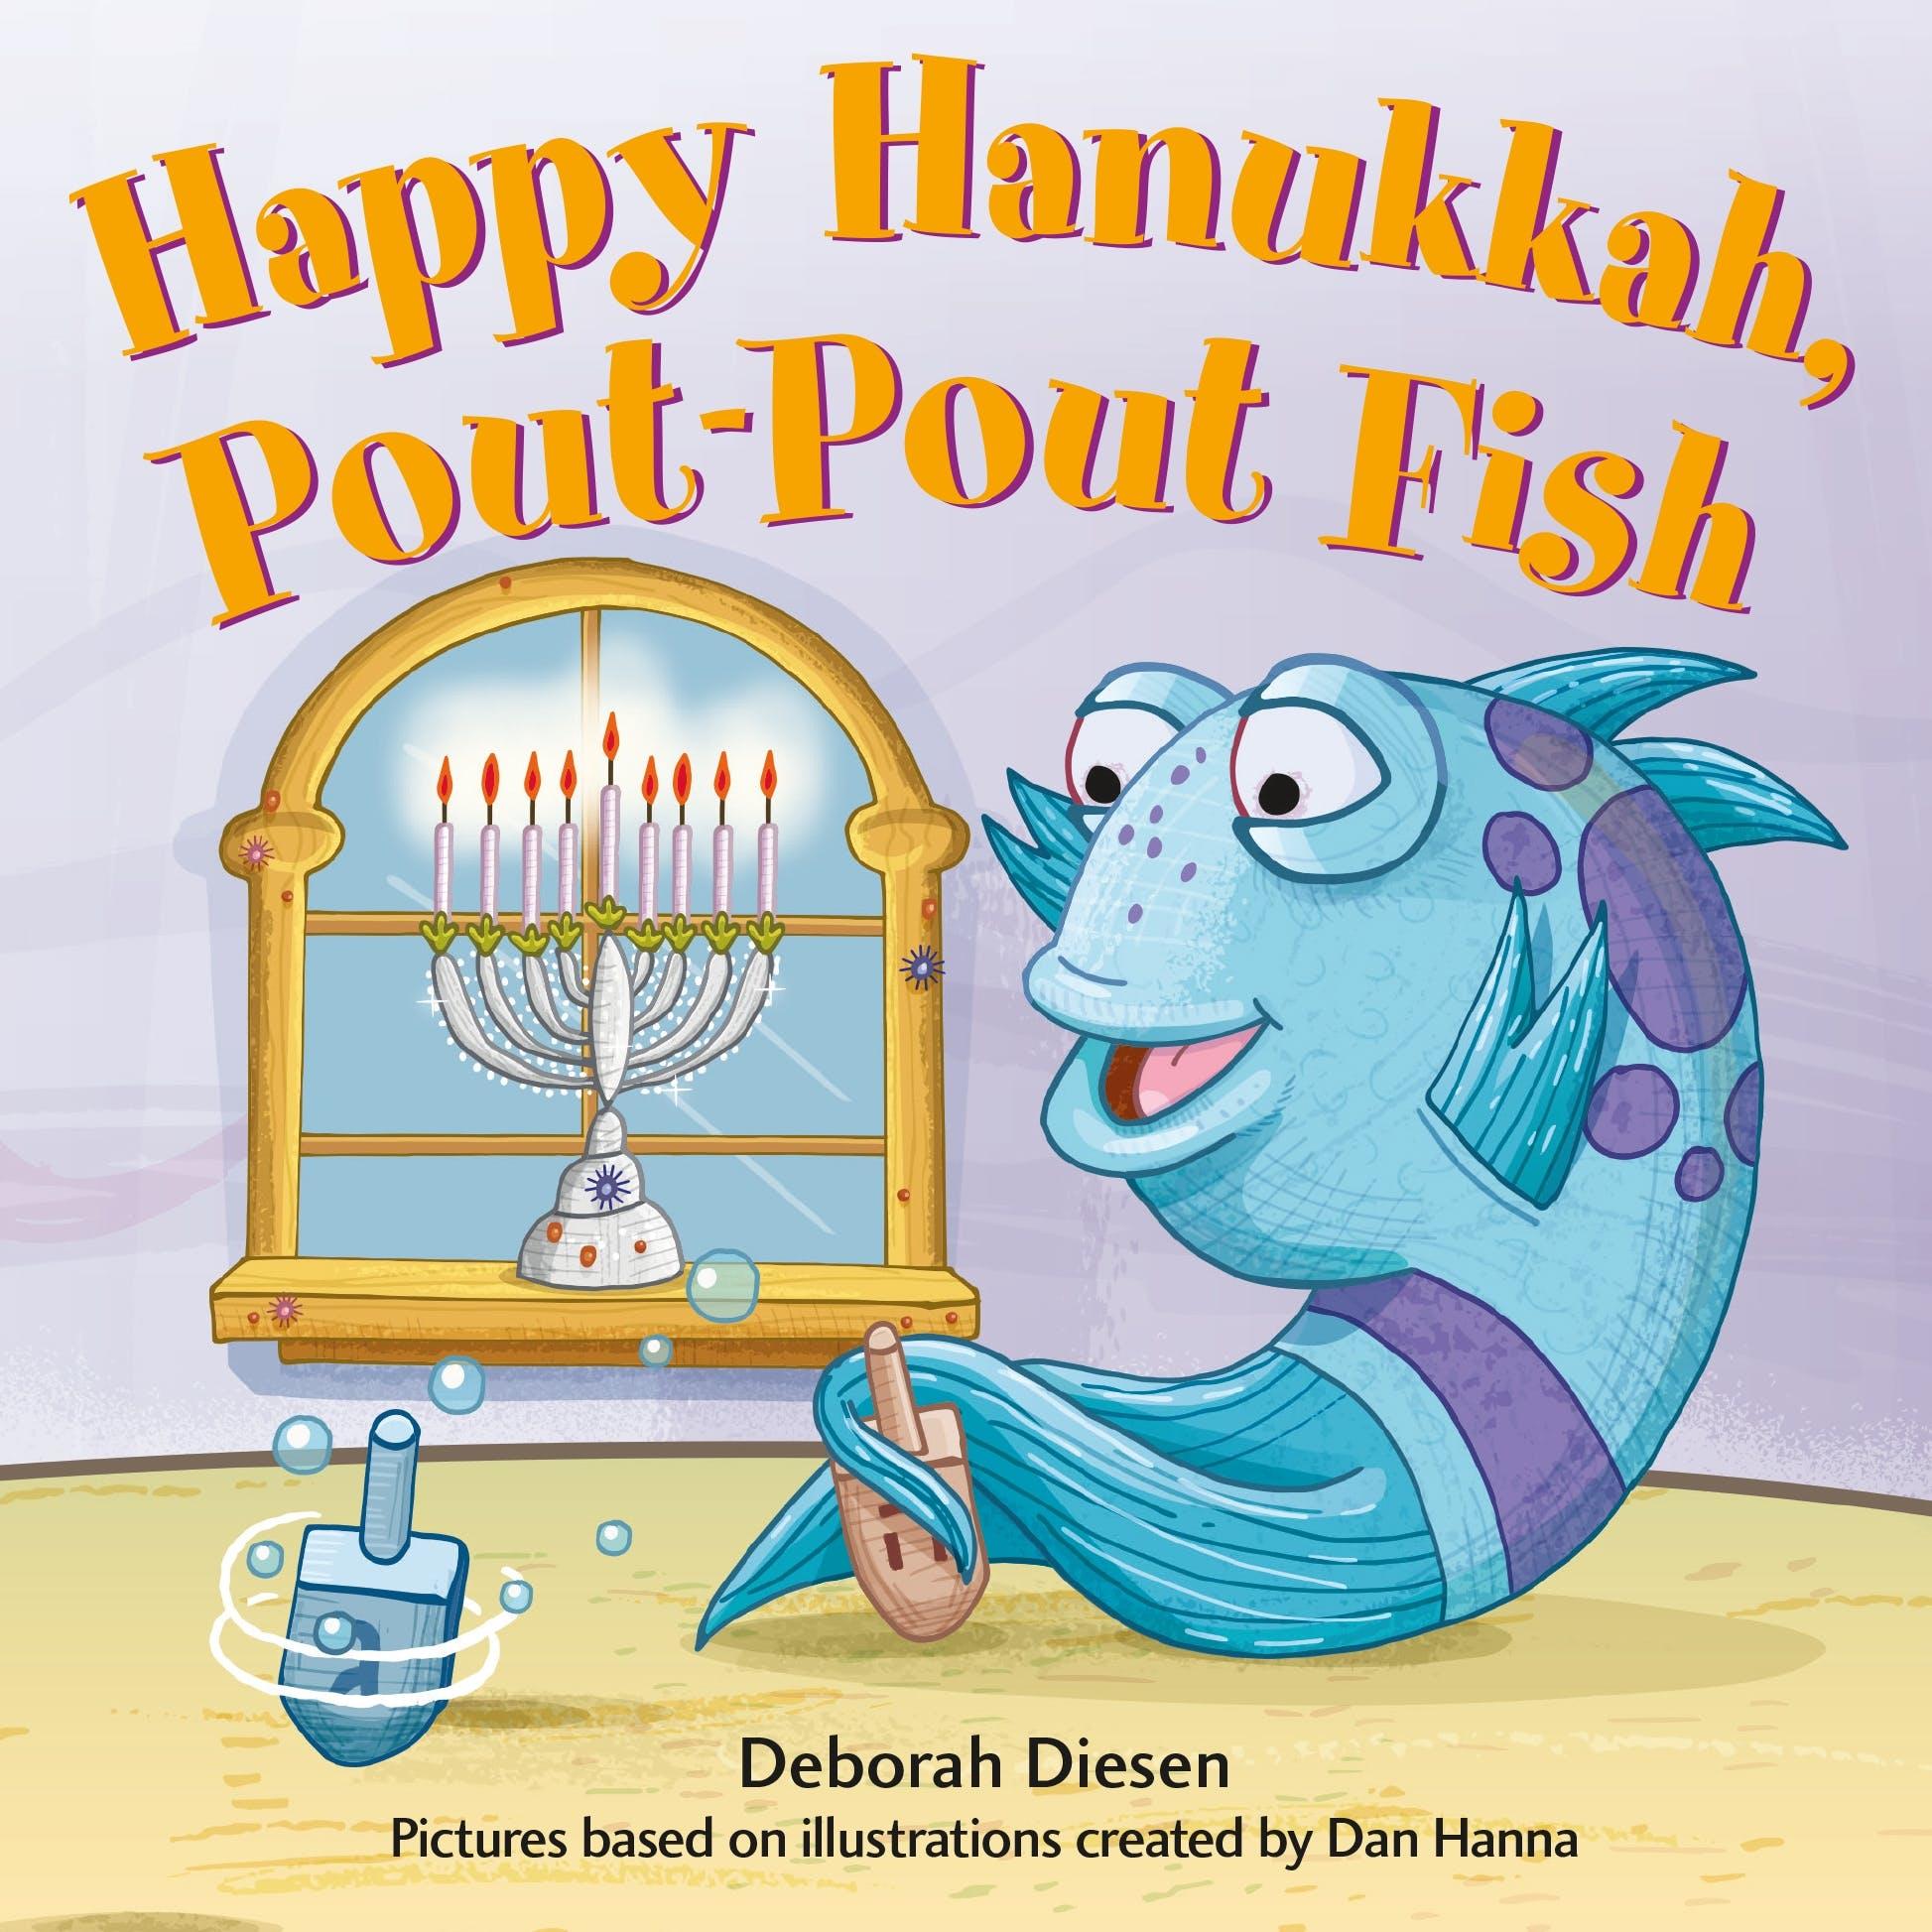 Image of Happy Hanukkah, Pout-Pout Fish